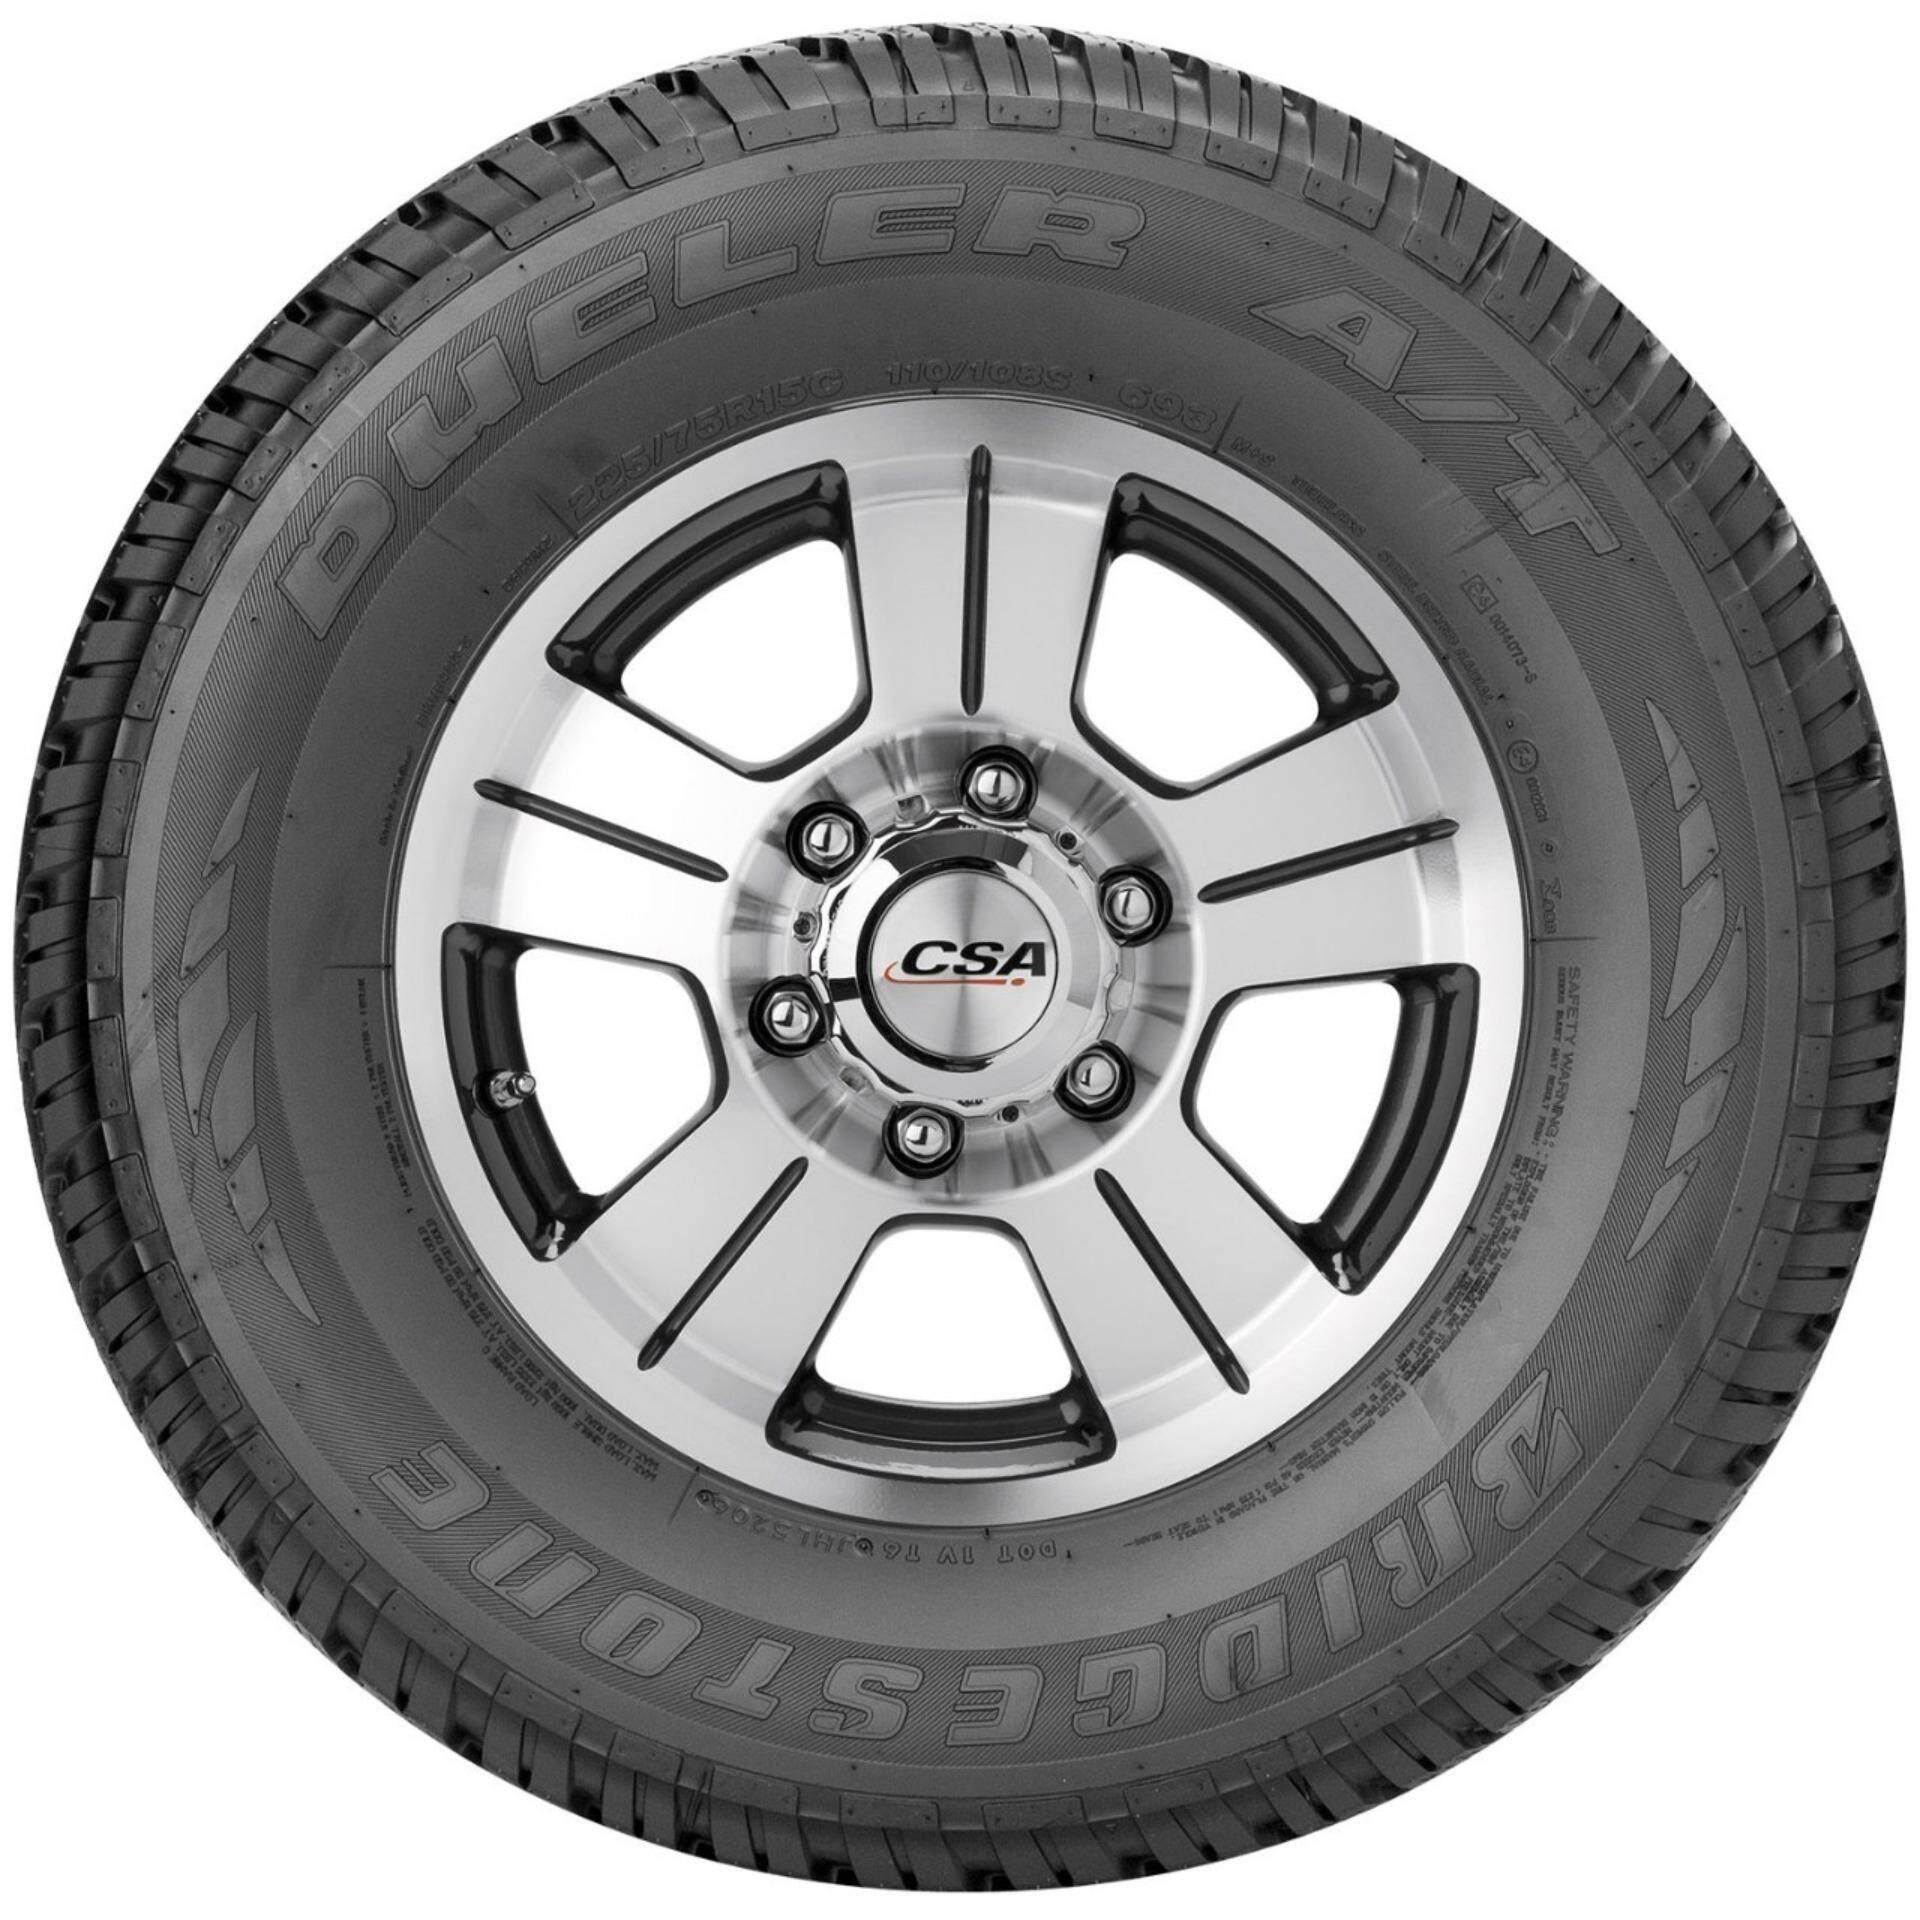 ประกันภัย รถยนต์ ชั้น 3 ราคา ถูก สุพรรณบุรี Bridgestone ยางรถยนต์ 245/70R16 รุ่น DUELER A/T 693III จำนวน 4 เส้น (ยางปี2019)